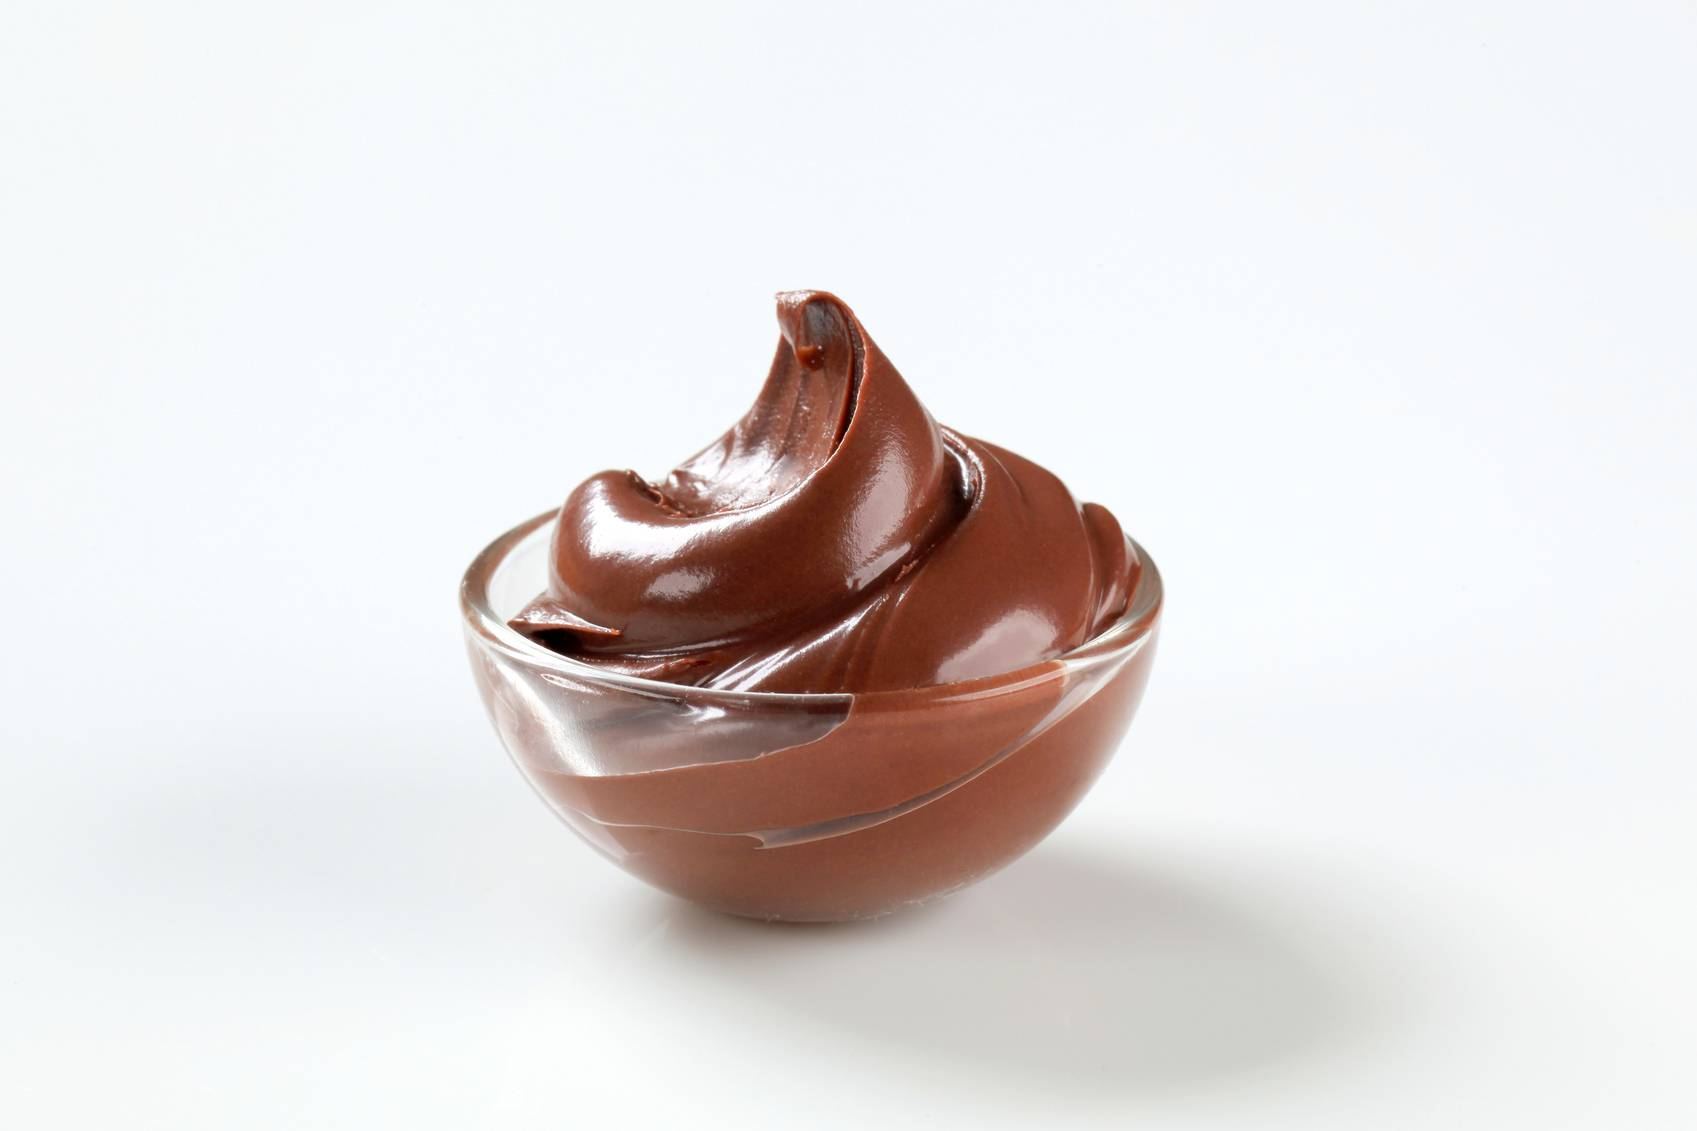 Crema al cacao senza zucchero